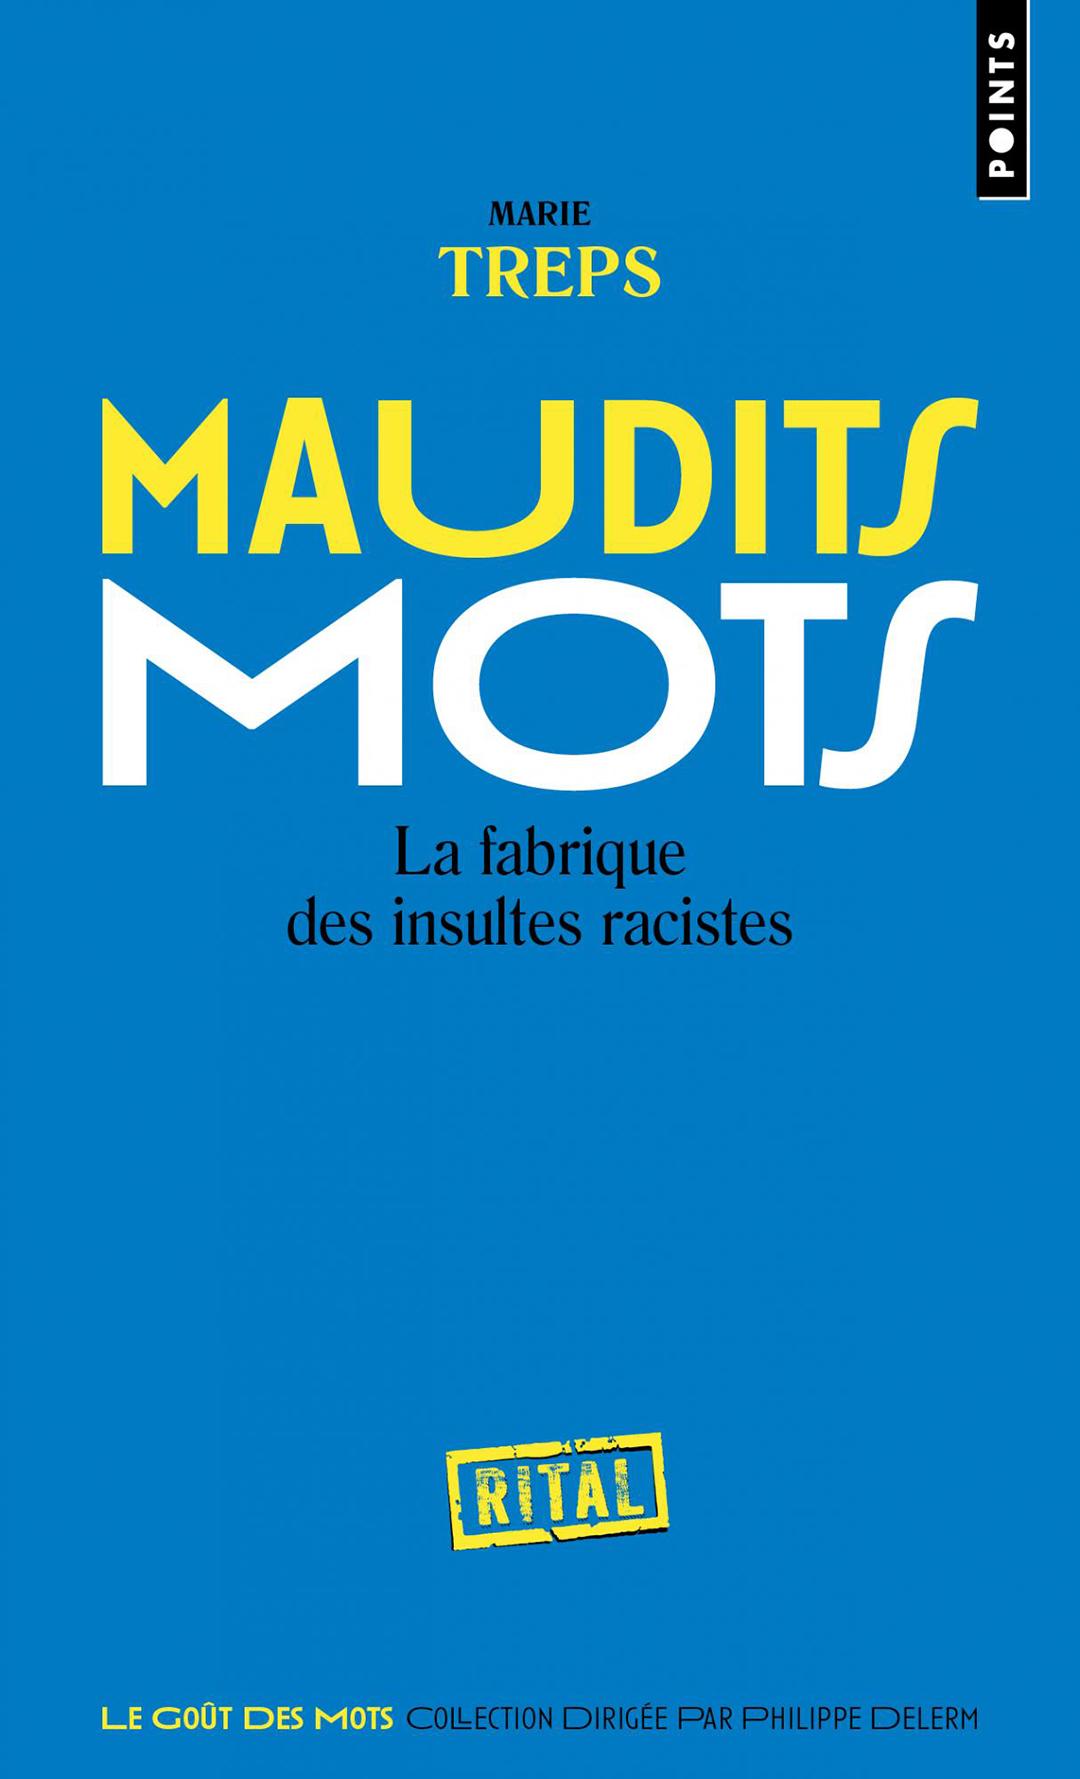 «Maudits mots: la fabrique des insultes racistes», de Marie Treps, est paru chez Points Seuil (360 pages, 7,90euros).